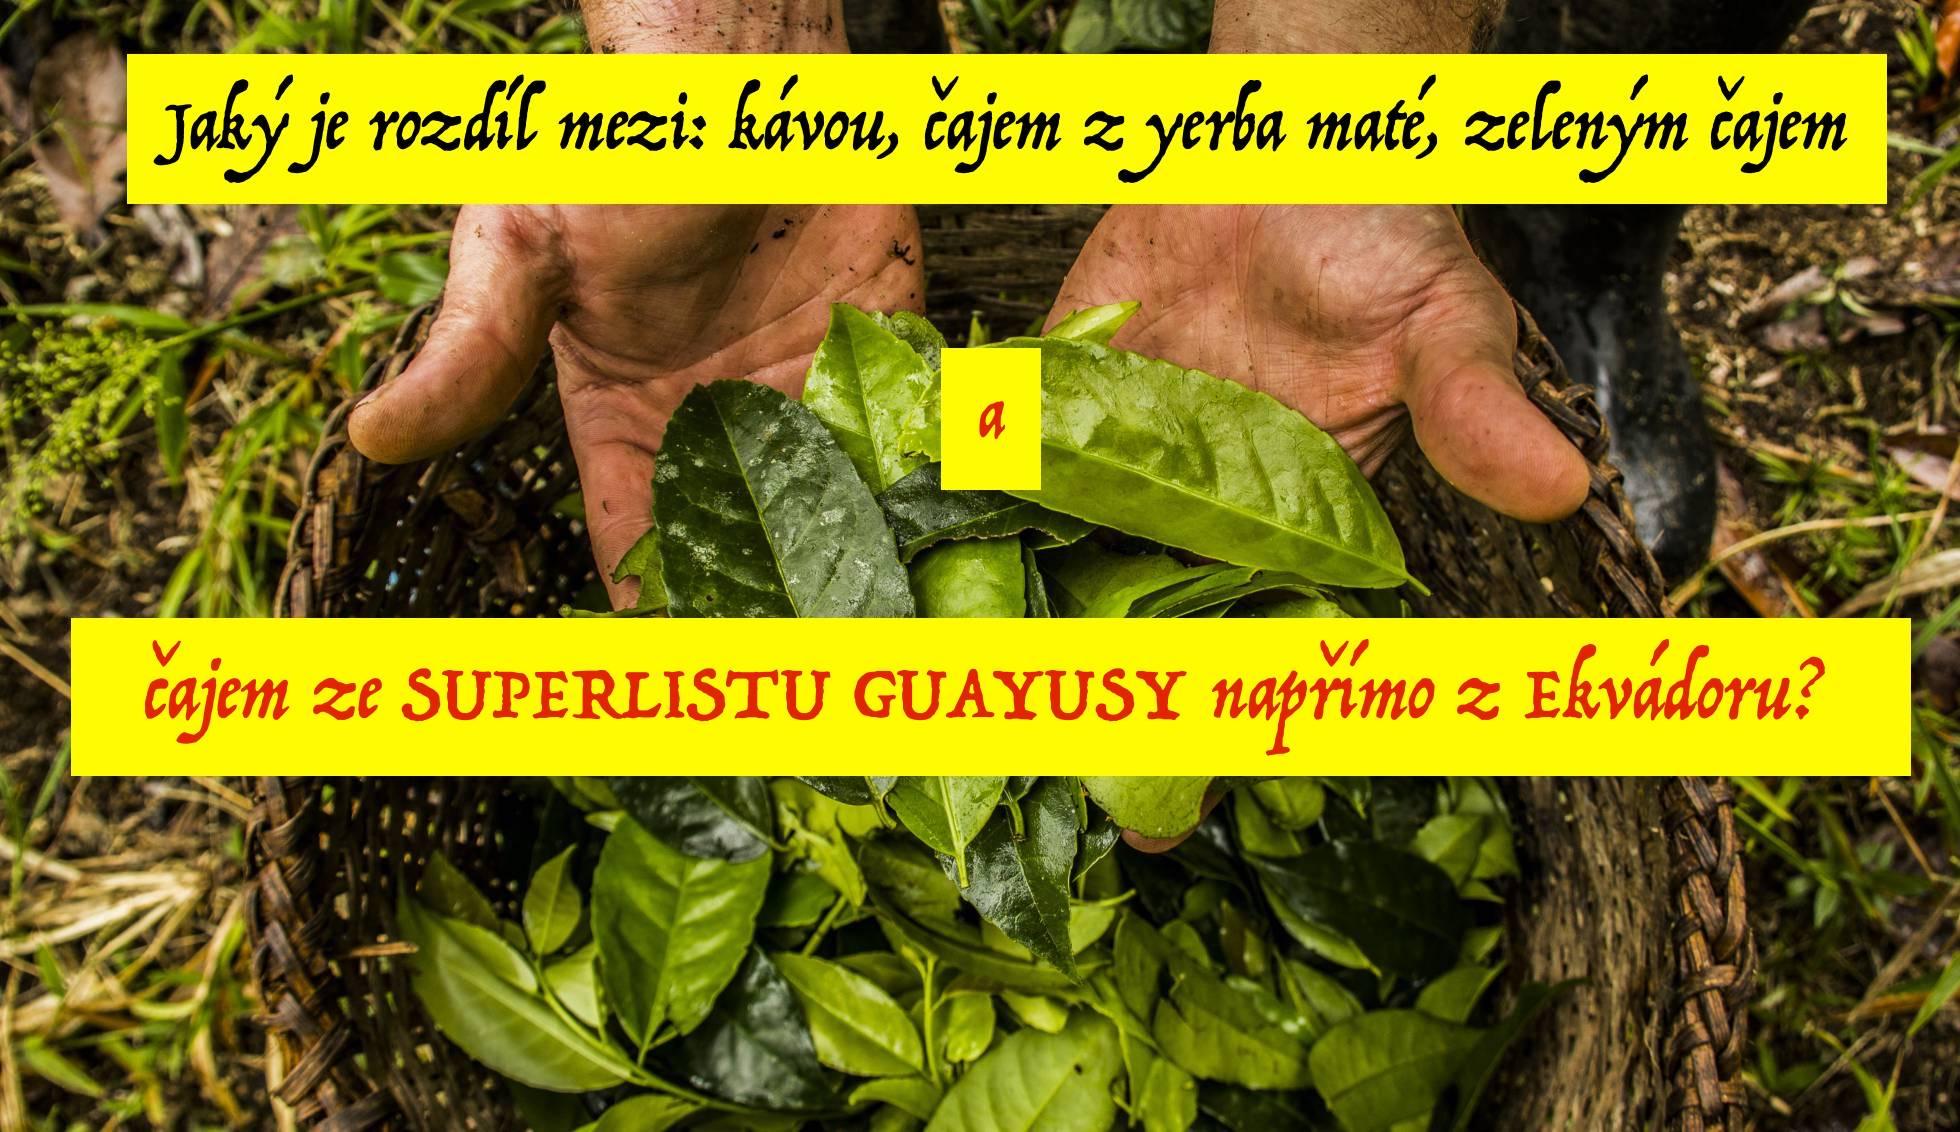 Rozdíl mezi guayusou (wayusou), kávou, yerba maté a zeleným čajem